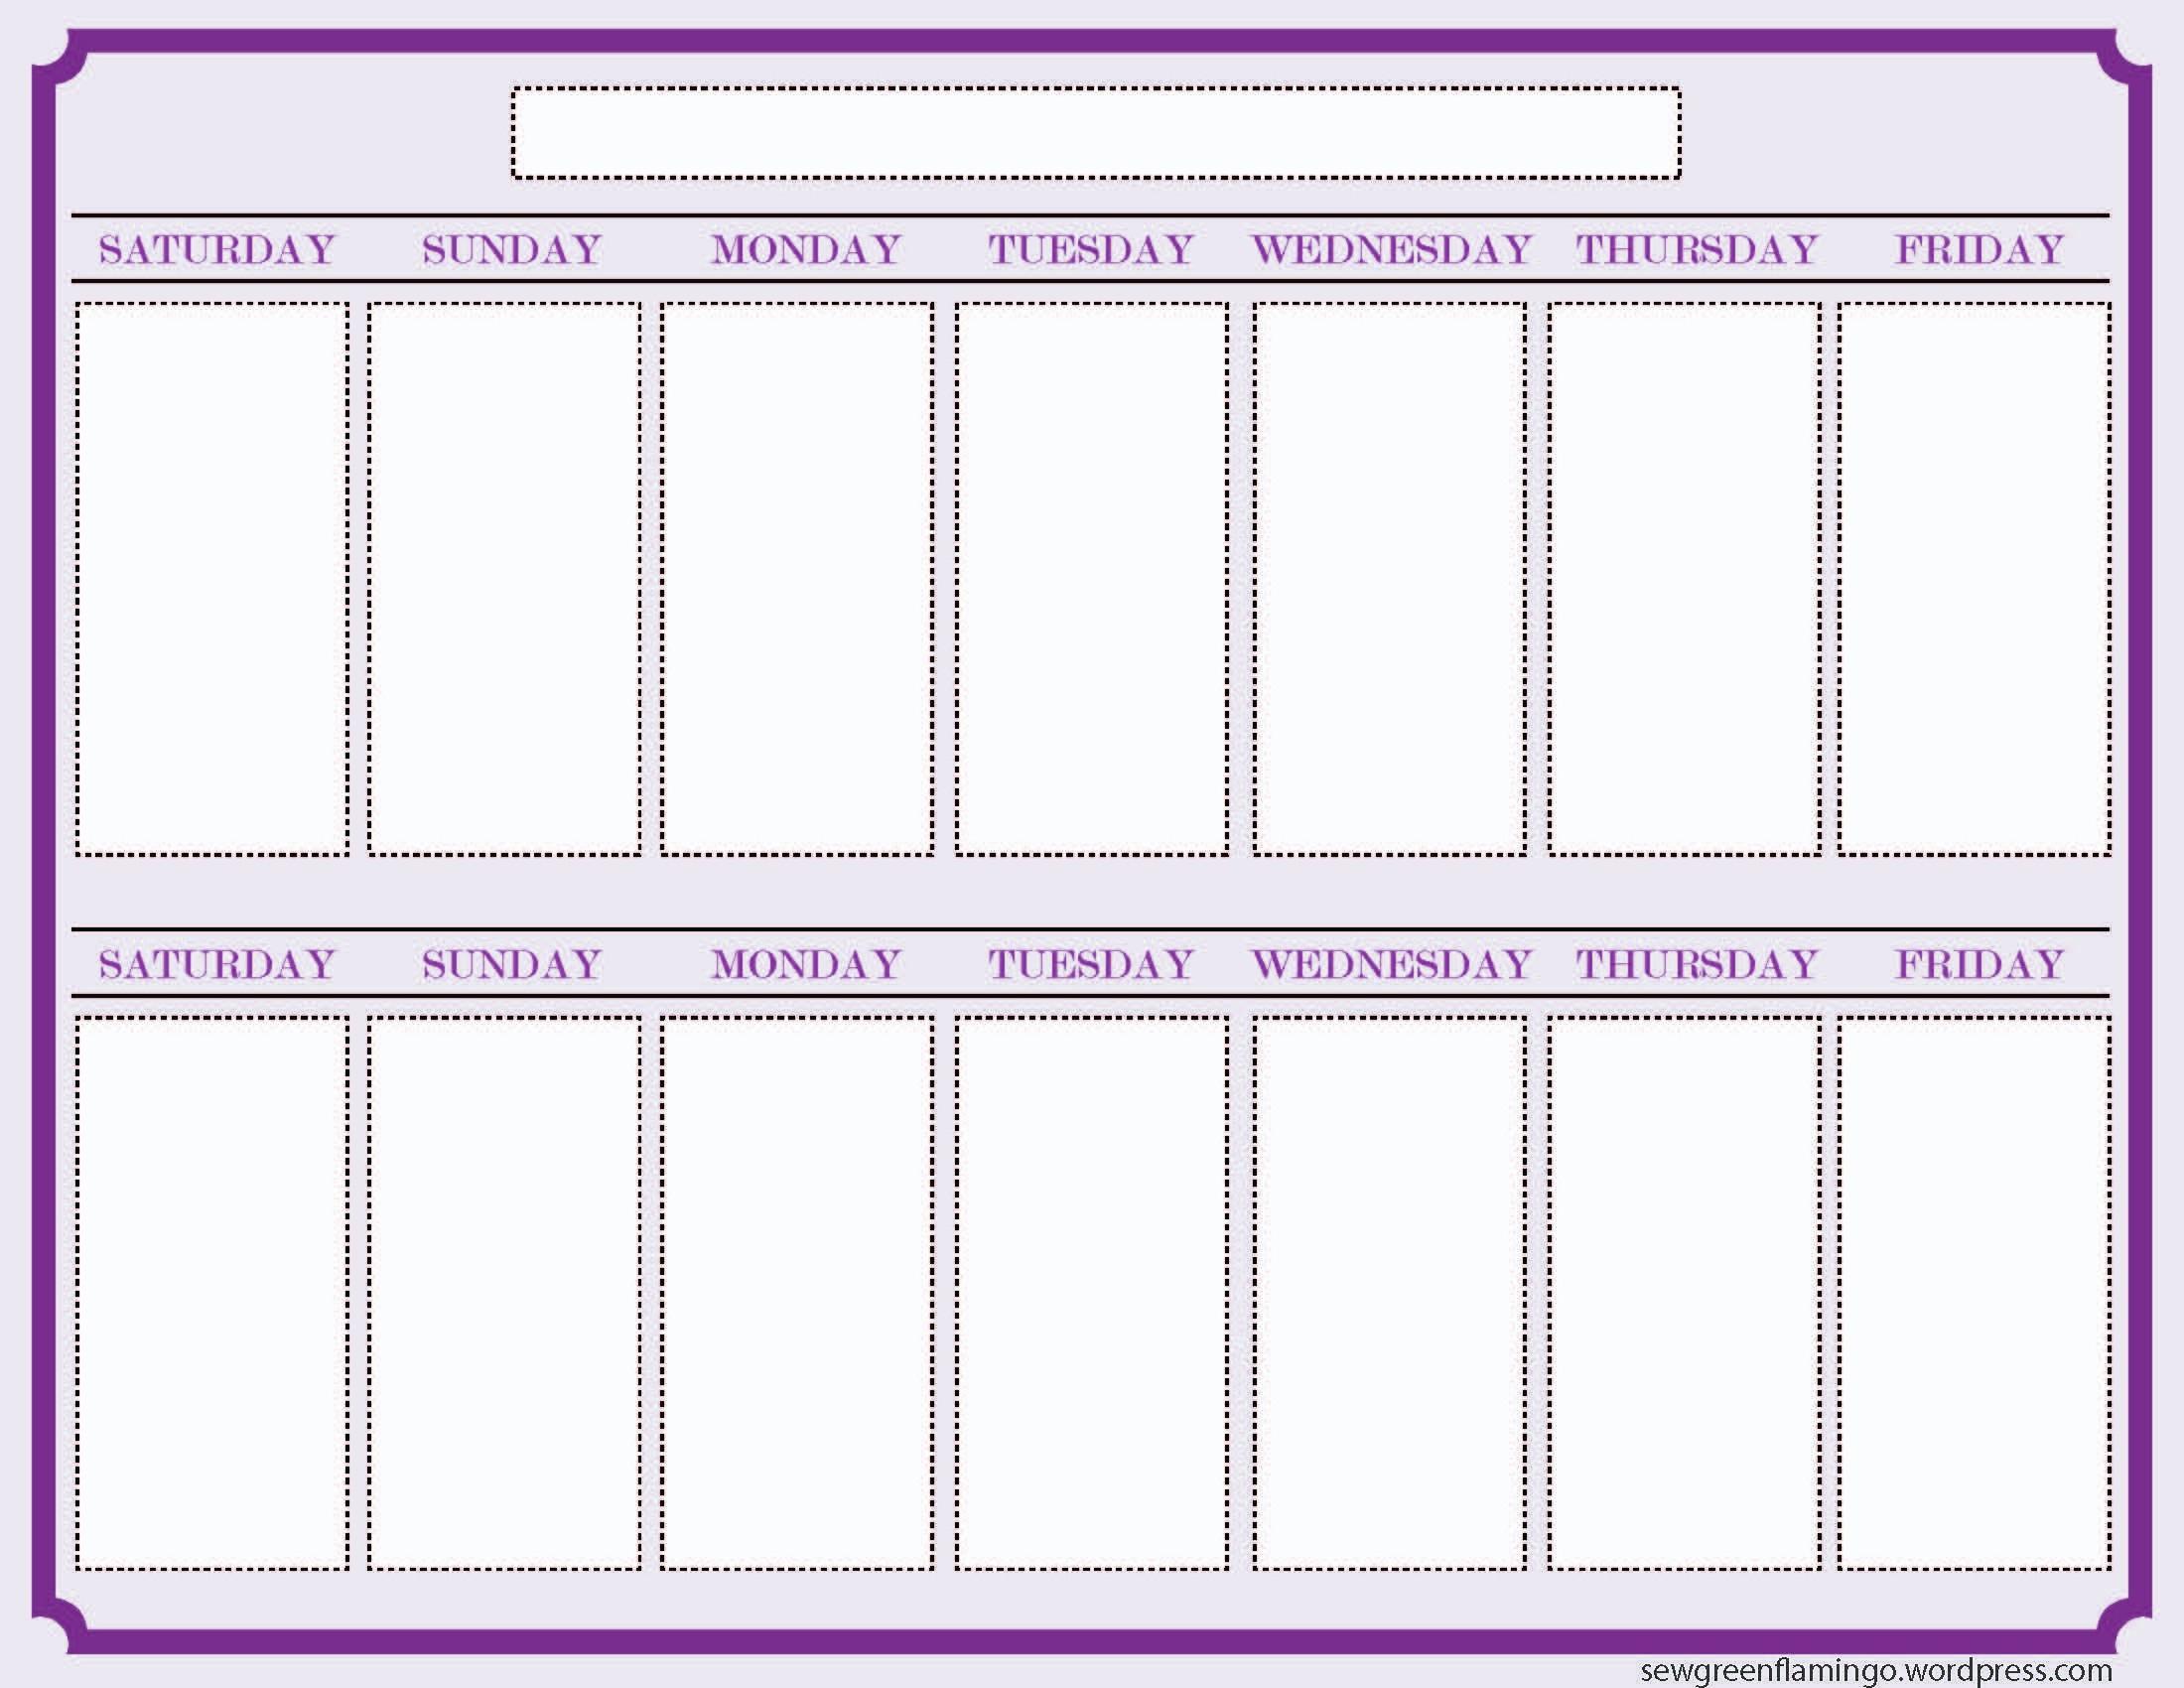 Week Schedule Template Excel Look Ahead Calendar | Smorad